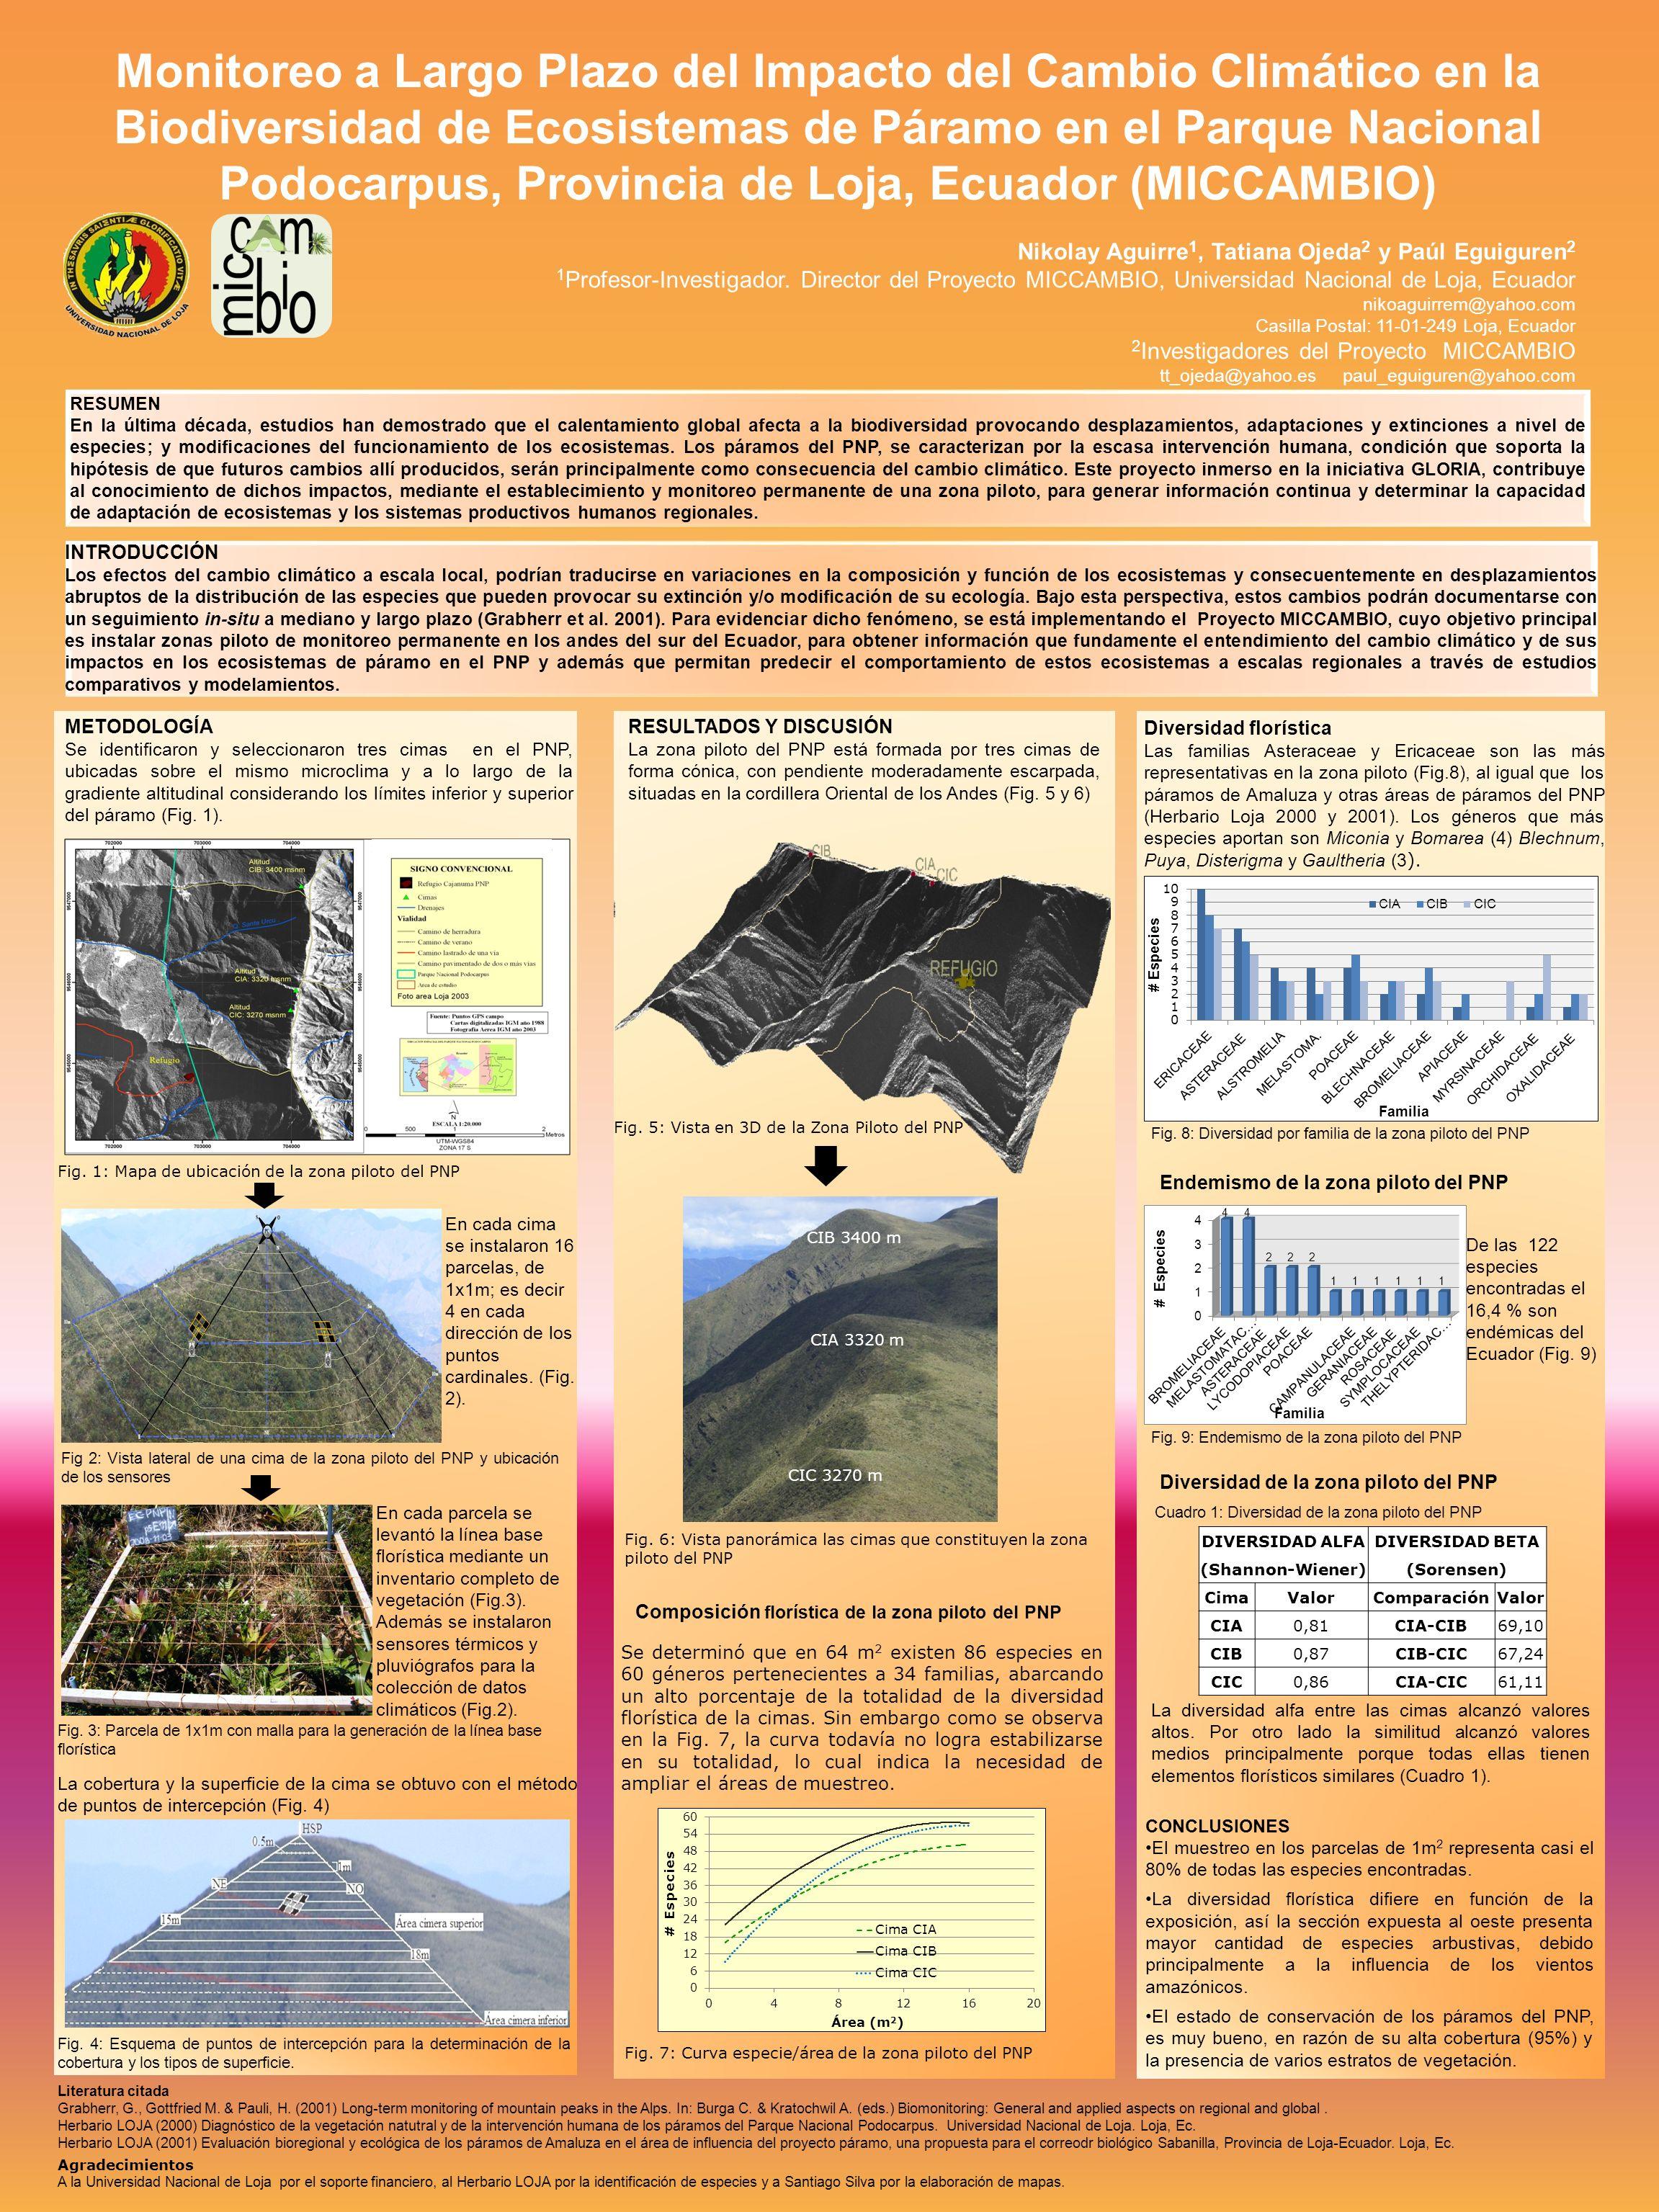 Monitoreo a Largo Plazo del Impacto del Cambio Climático en la Biodiversidad de Ecosistemas de Páramo en el Parque Nacional Podocarpus, Provincia de L